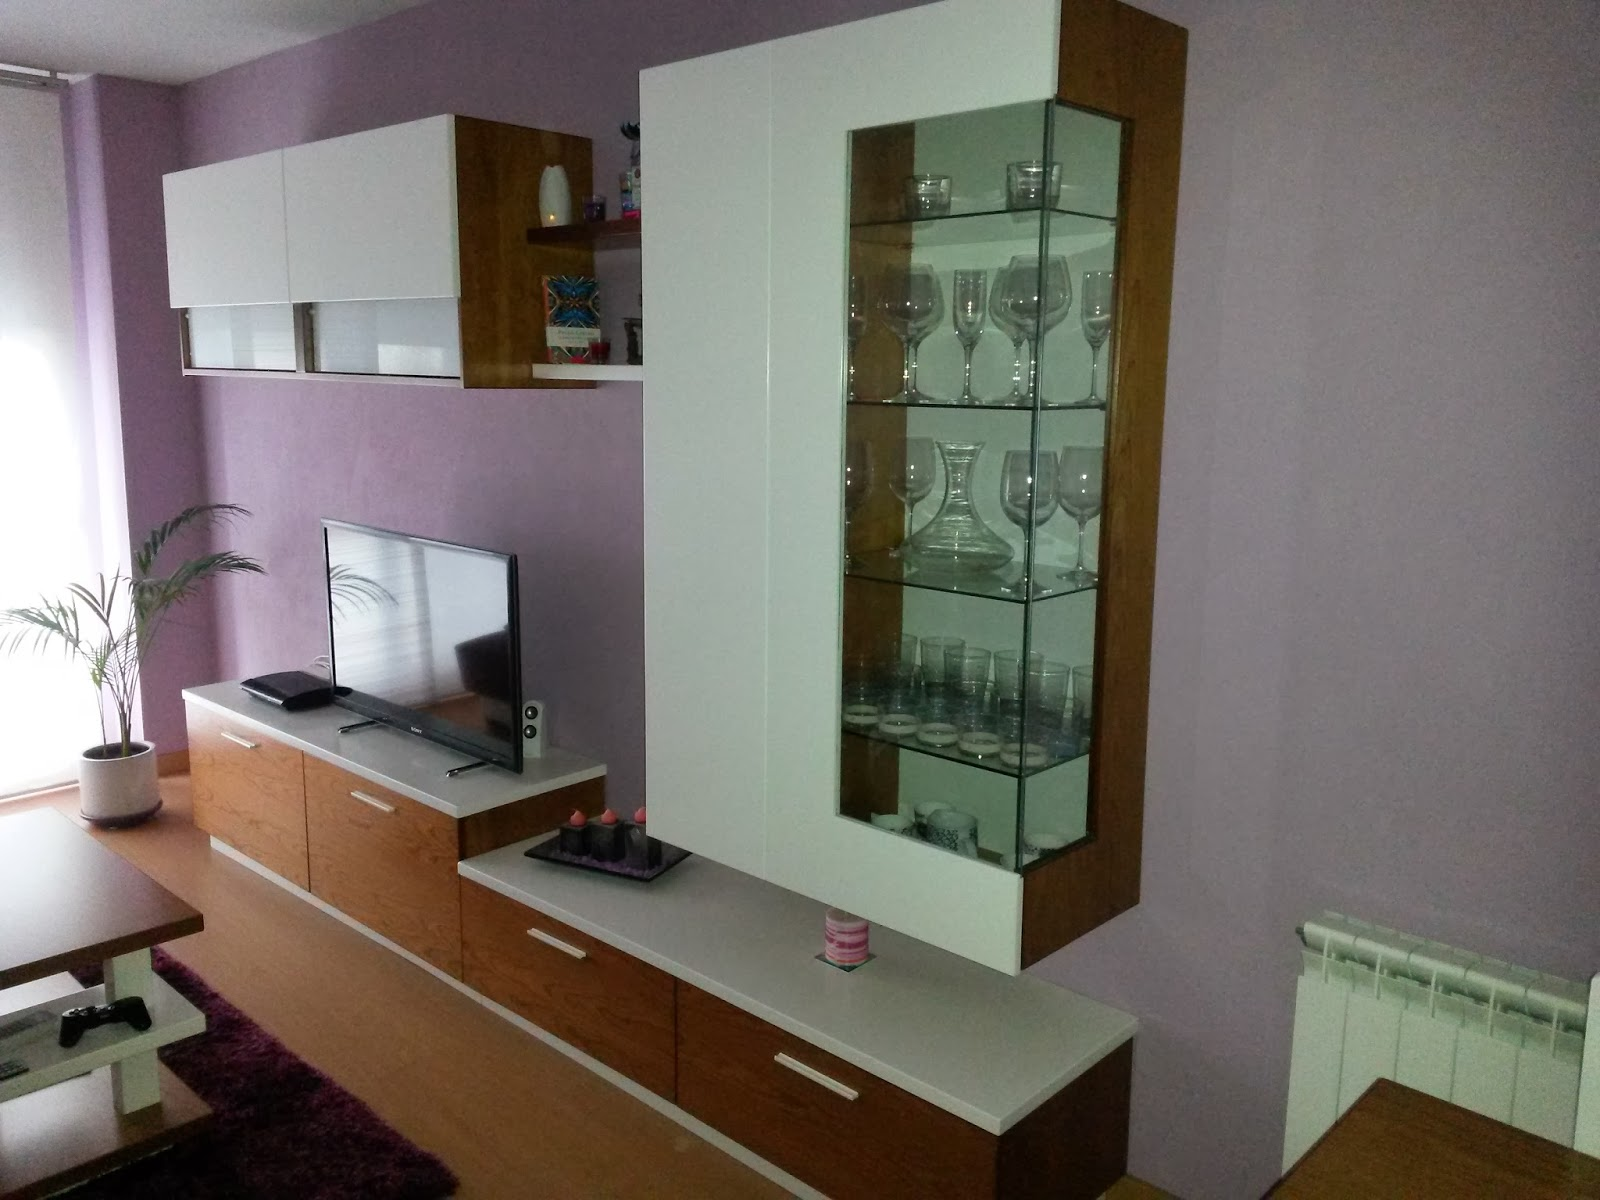 MUEBLES A MEDIDA: Mueble de salon lacado blanco combinado con cerezo